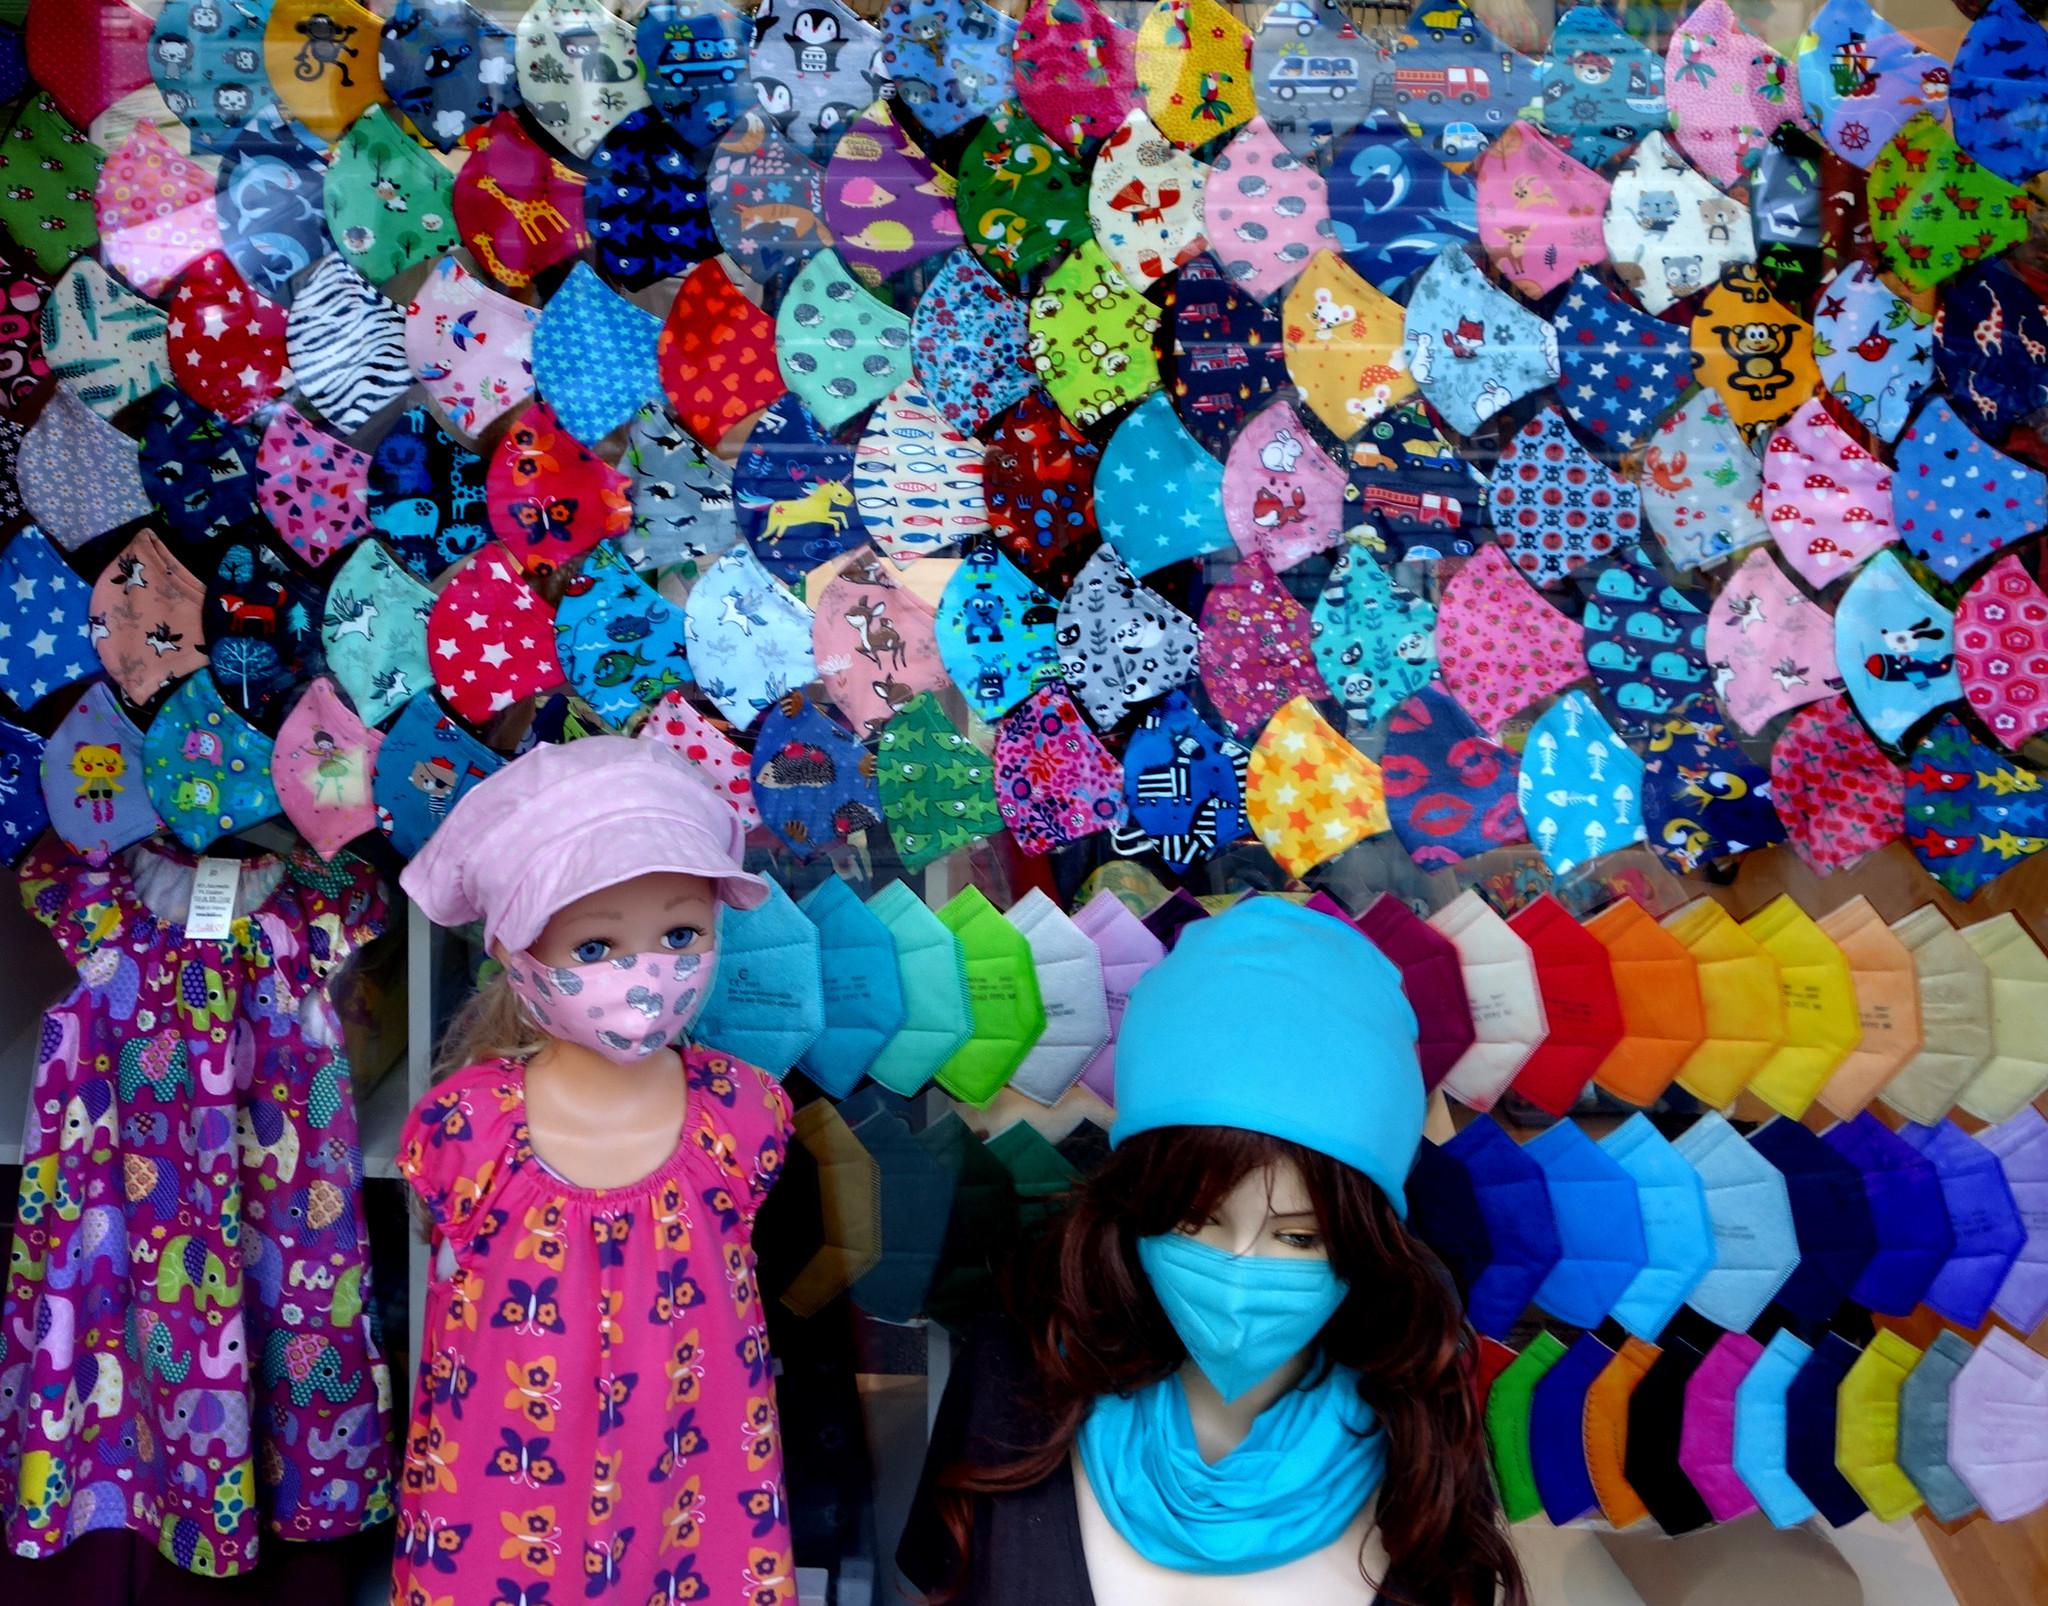 Kindermasken, Kinder Stoffmasken, Stoffmasken für Kinder, Mundschutz für Kinder, Kinder Mundschutz, Kinder MNS, Kindermasken kaufen, waschbare Stoffmasken, waschbare Kindermasken, Stoffmasken kaufen, bunte Masken Wien